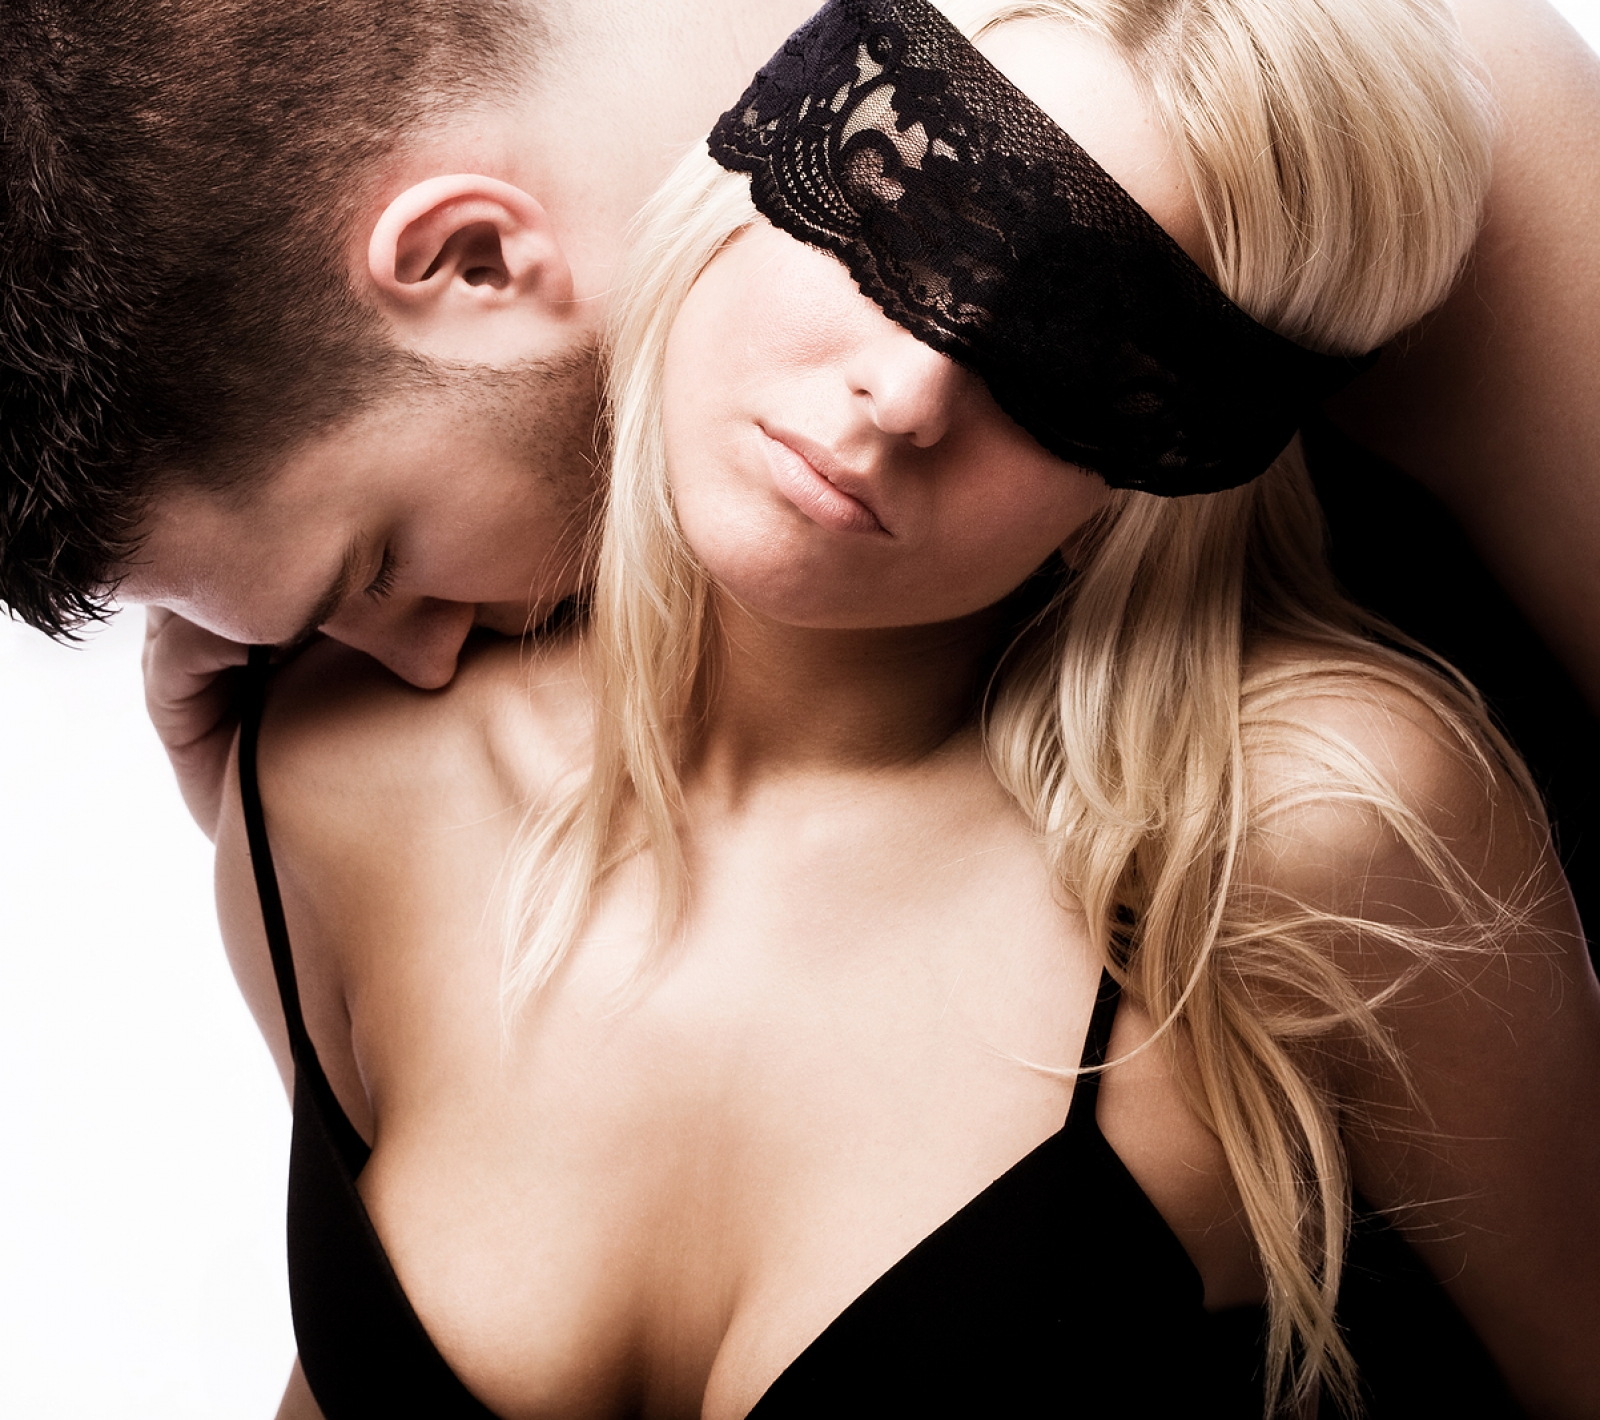 Sesso passione intensa emozione come gli innamorati.